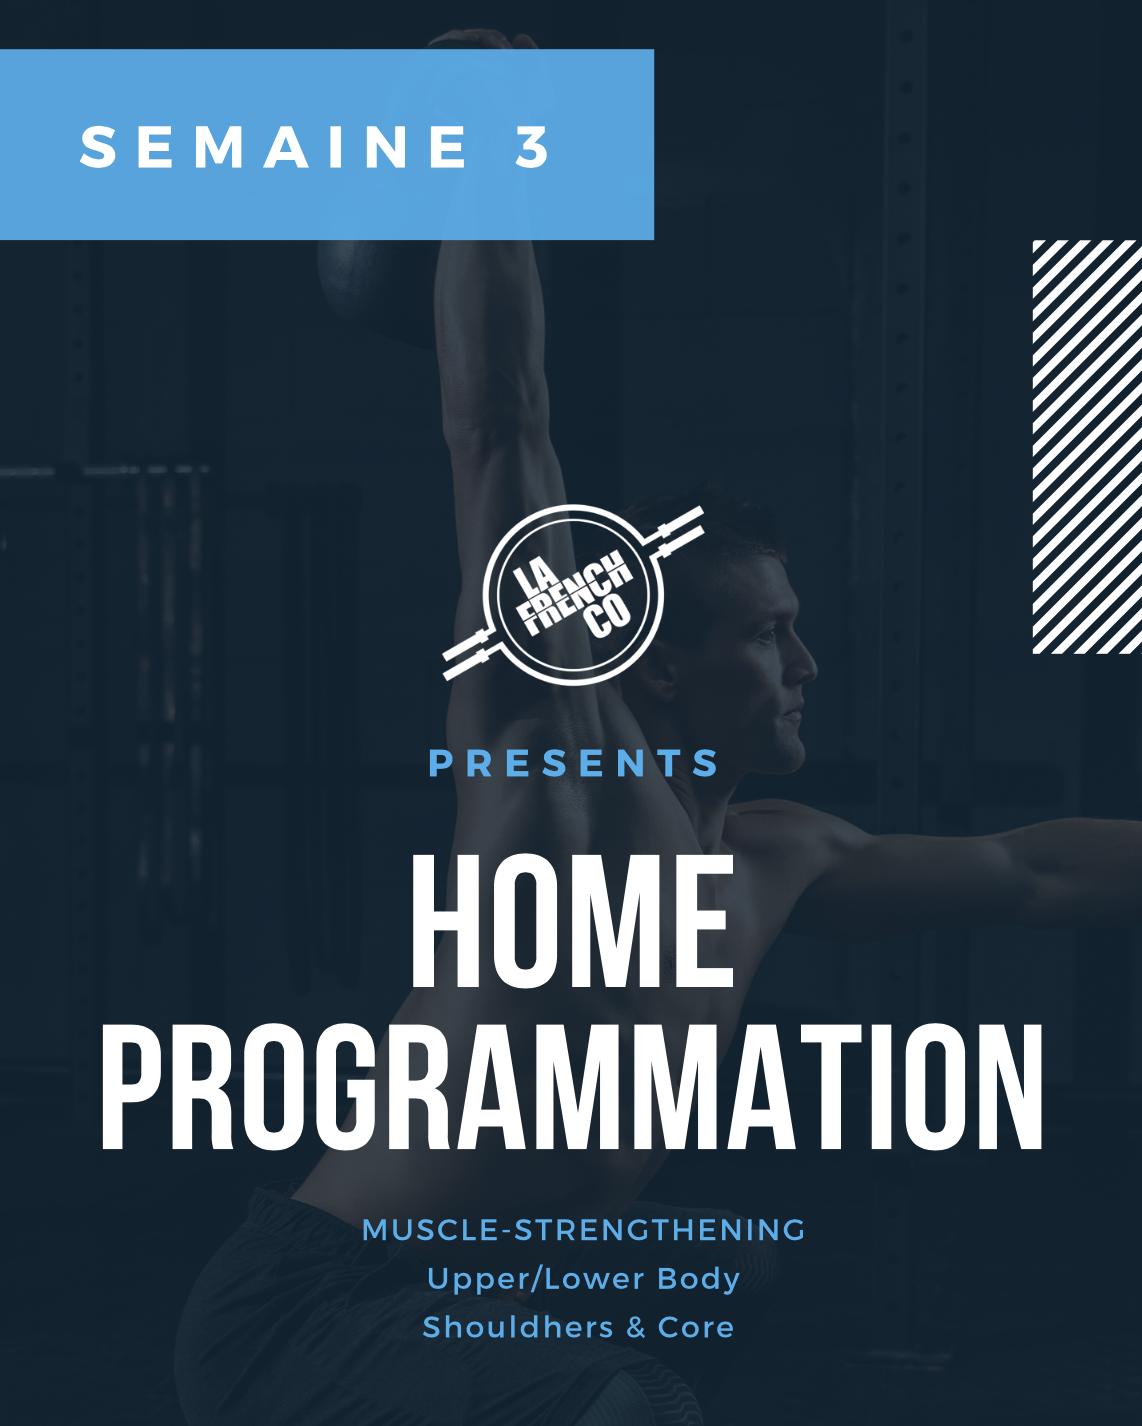 Home Prog, Semaine 3